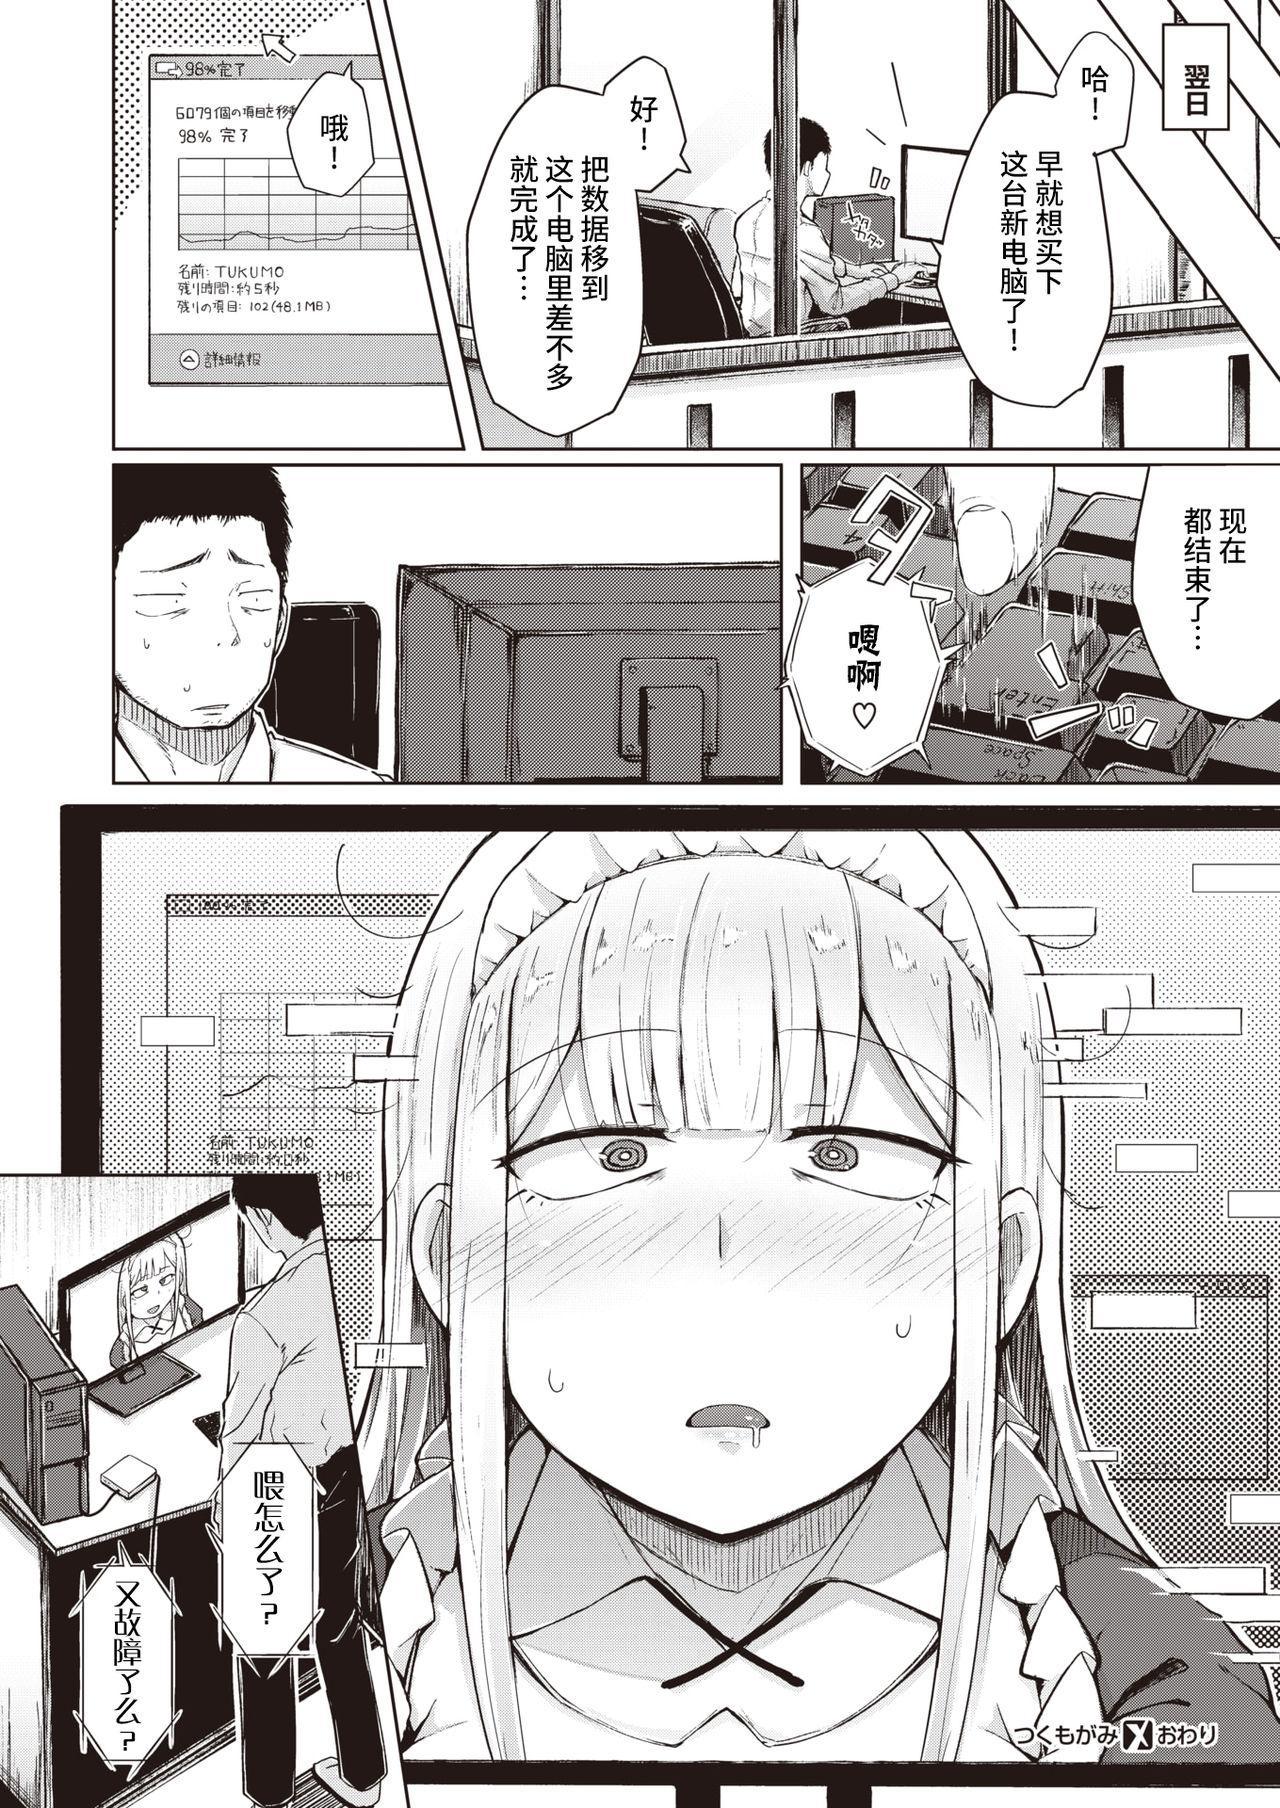 Tsukumogami - The more useful the more Ecchi!!! 23